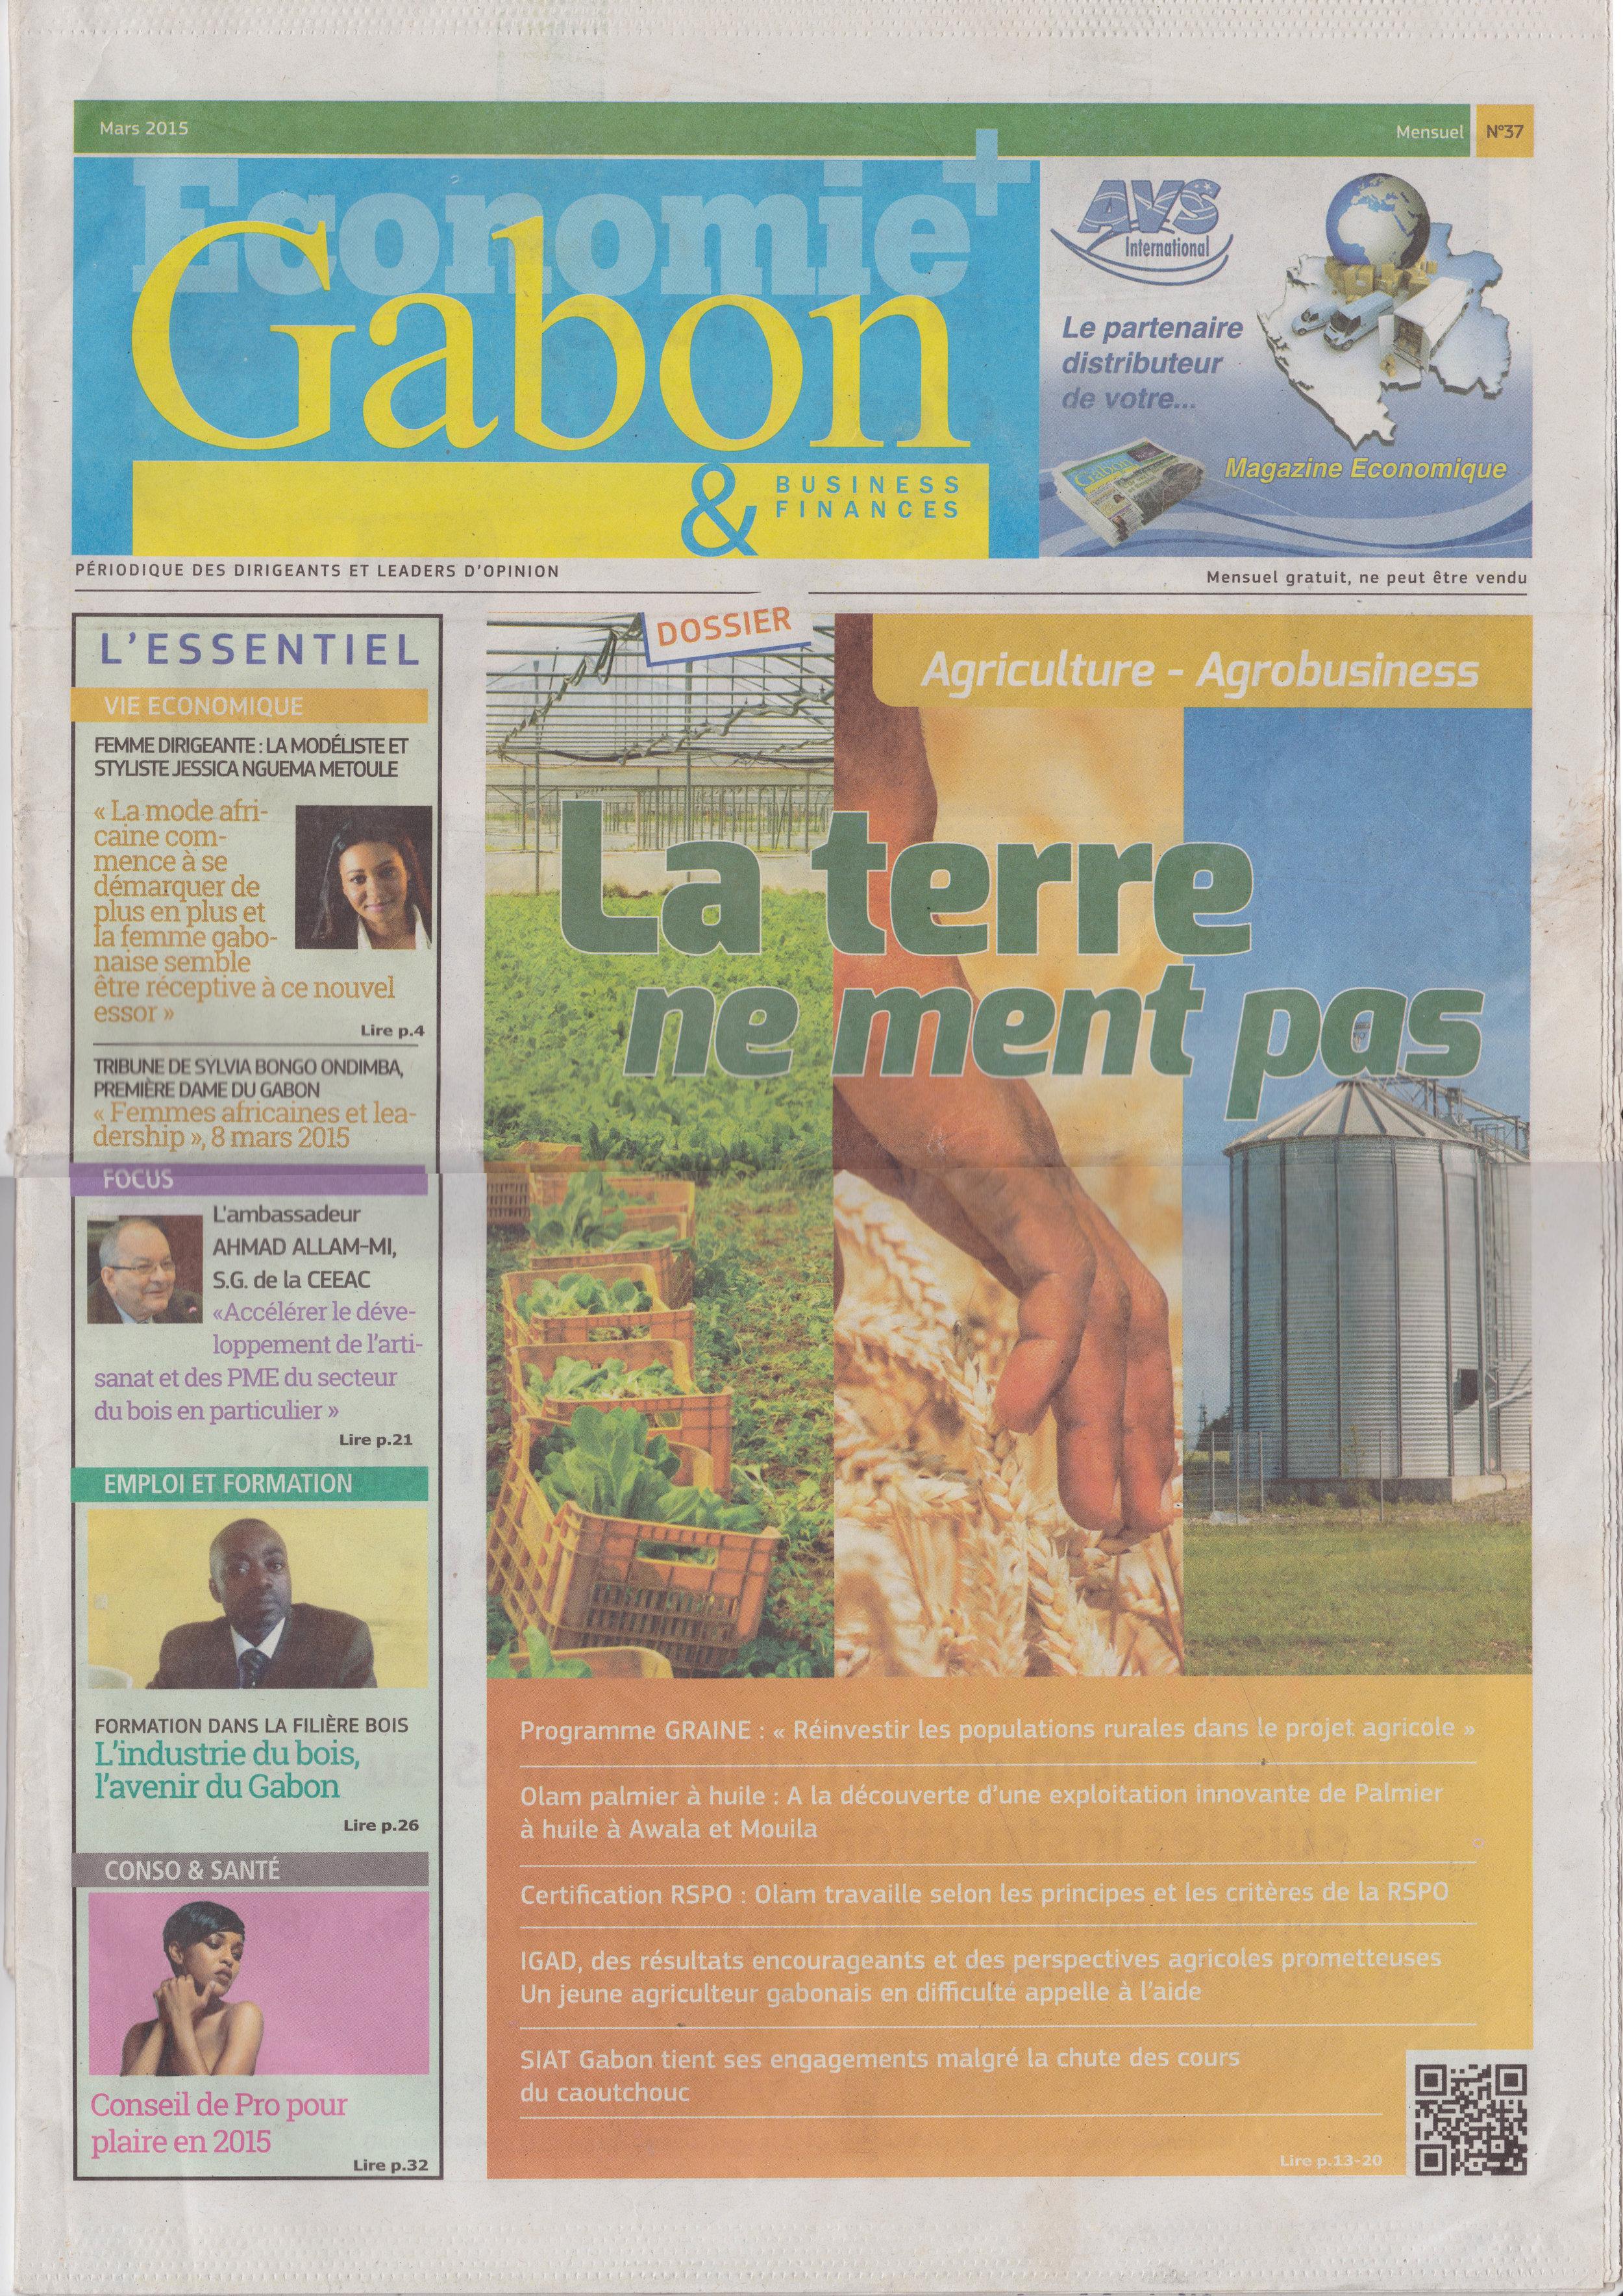 Economie + Gabon - Sept. 15